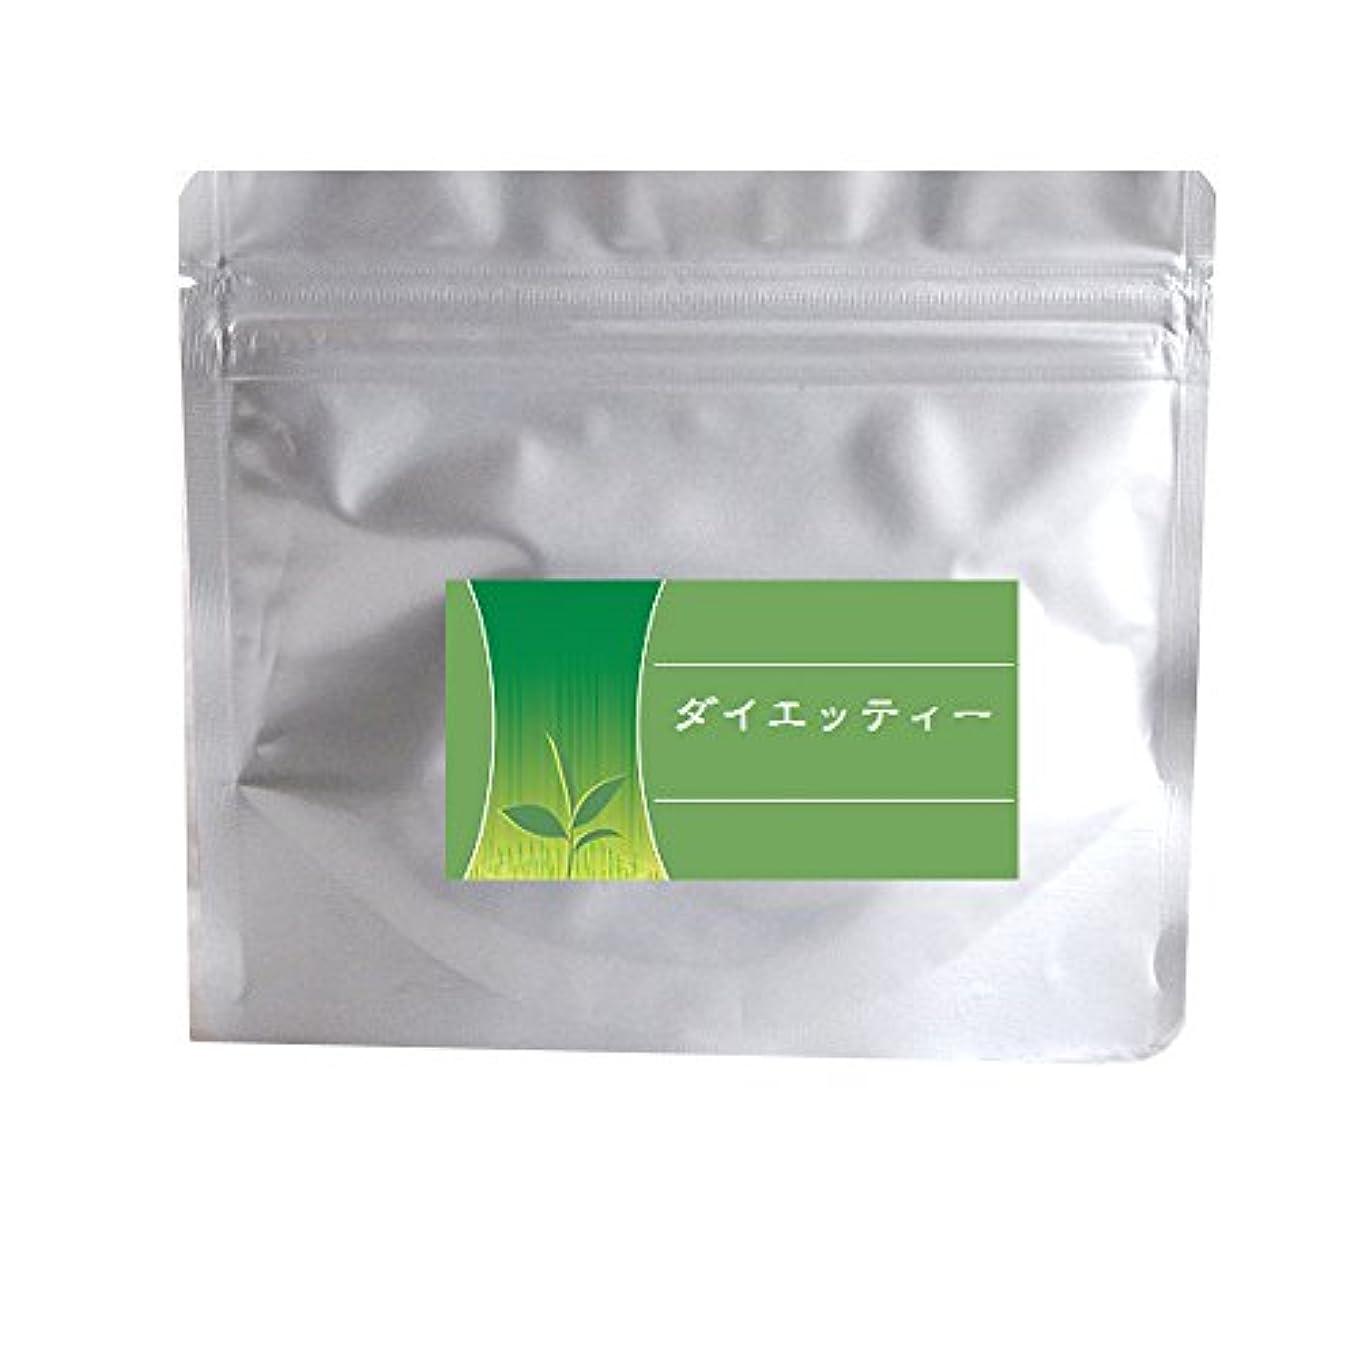 パンチピュー白菜ダイエット茶 ダイエッティー70g